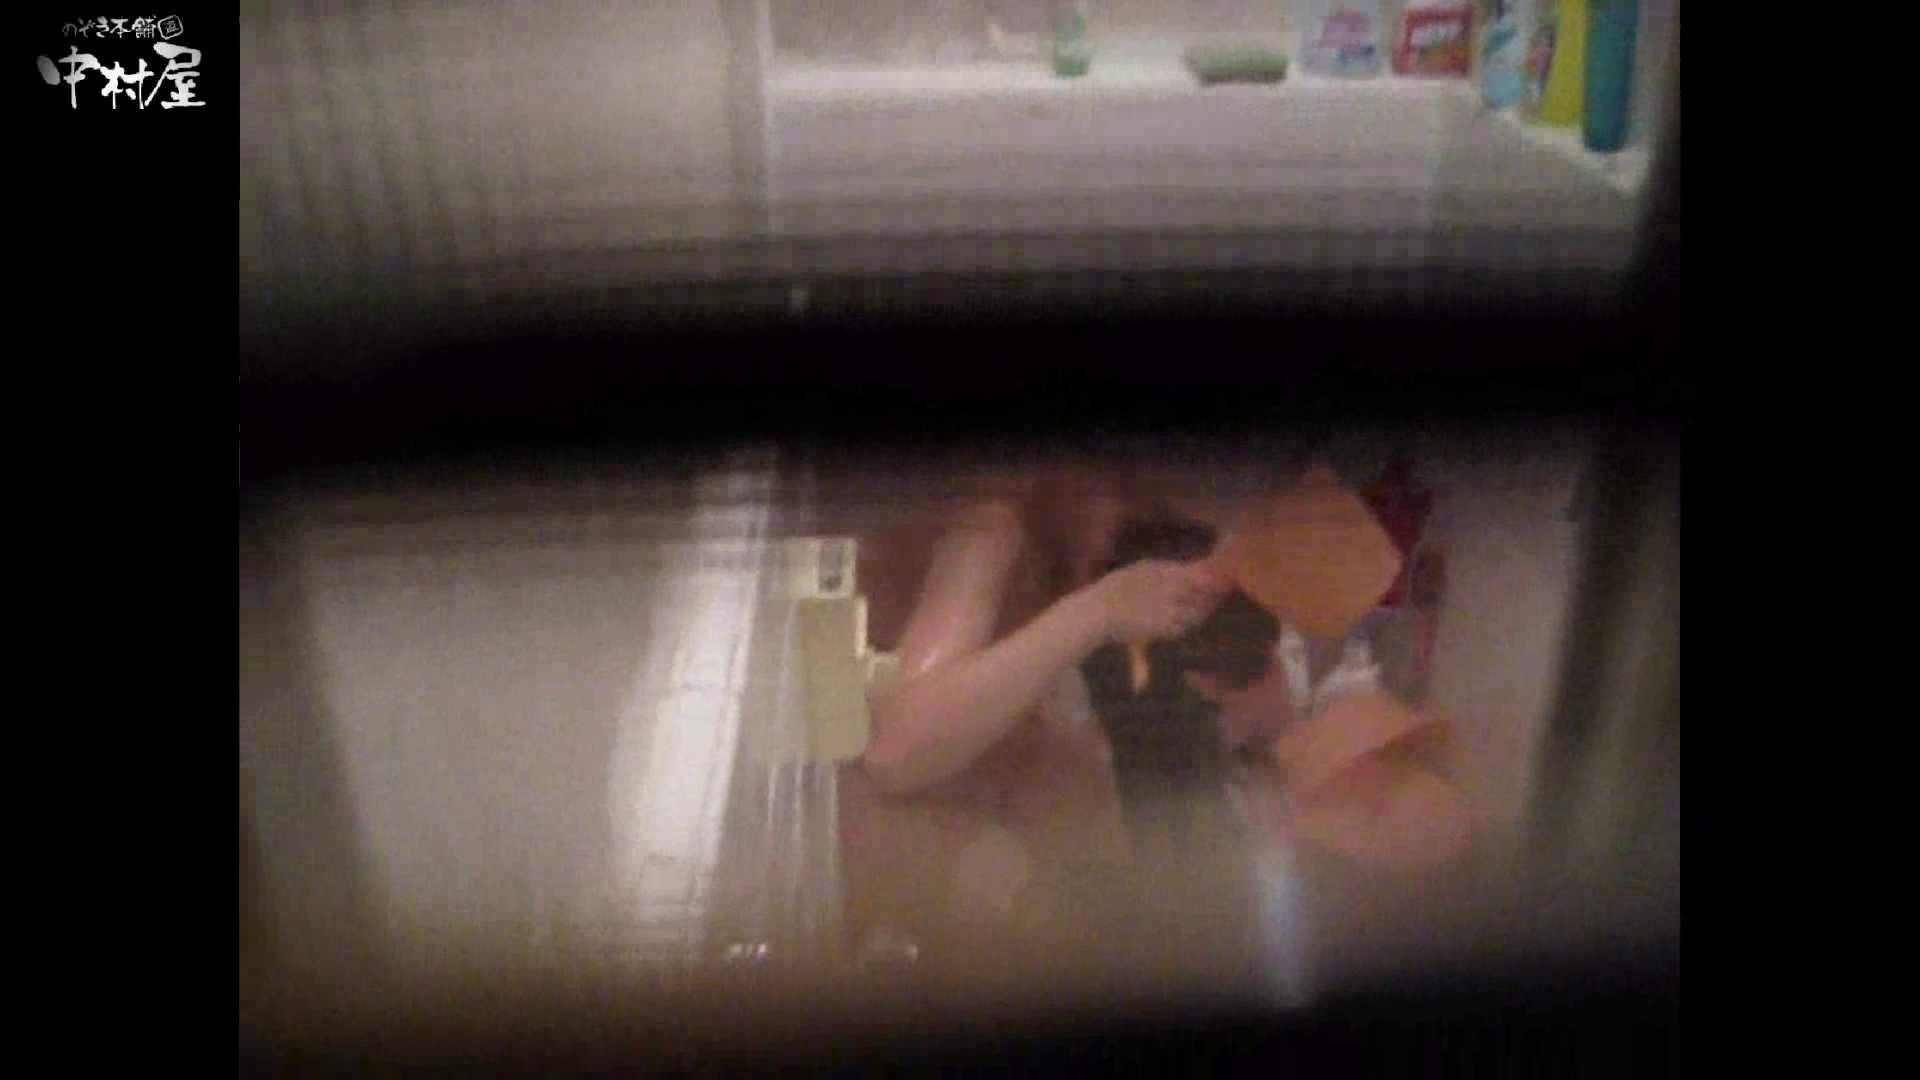 民家風呂専門盗撮師の超危険映像 vol.017 美女まとめ オマンコ無修正動画無料 110PIX 67